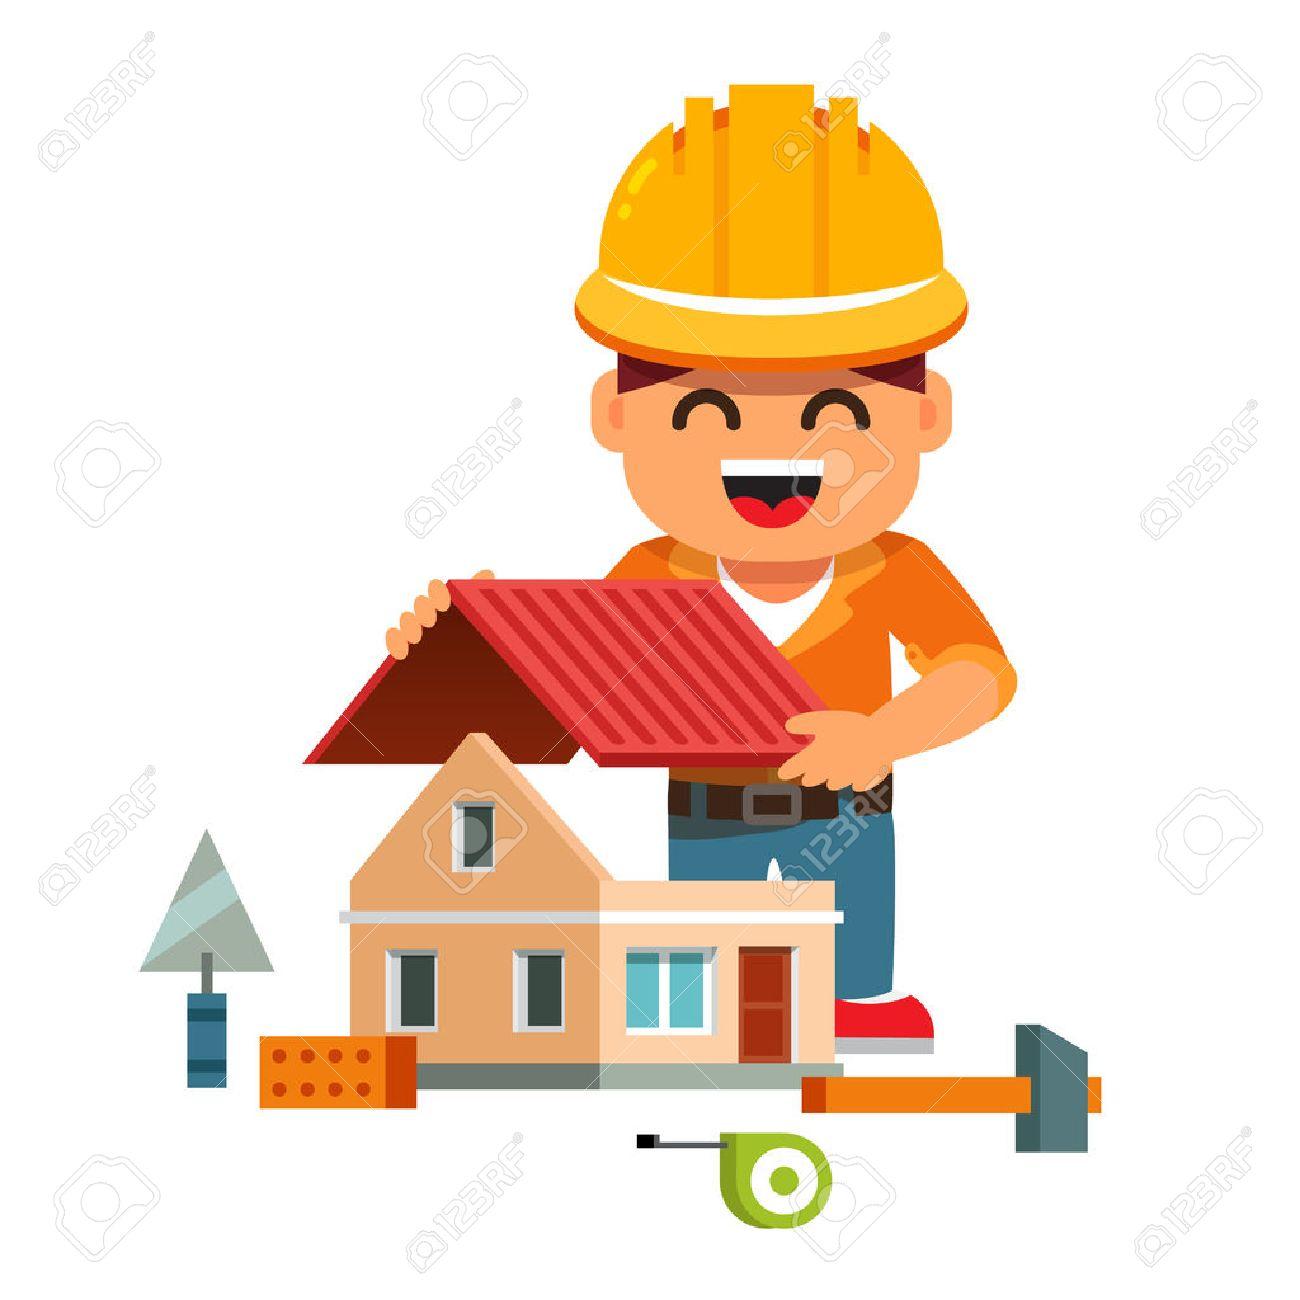 Baustelle haus comic  Junge Lächelnde Hausbauer In Bauarbeiterhelm Gebäude-und Montage ...